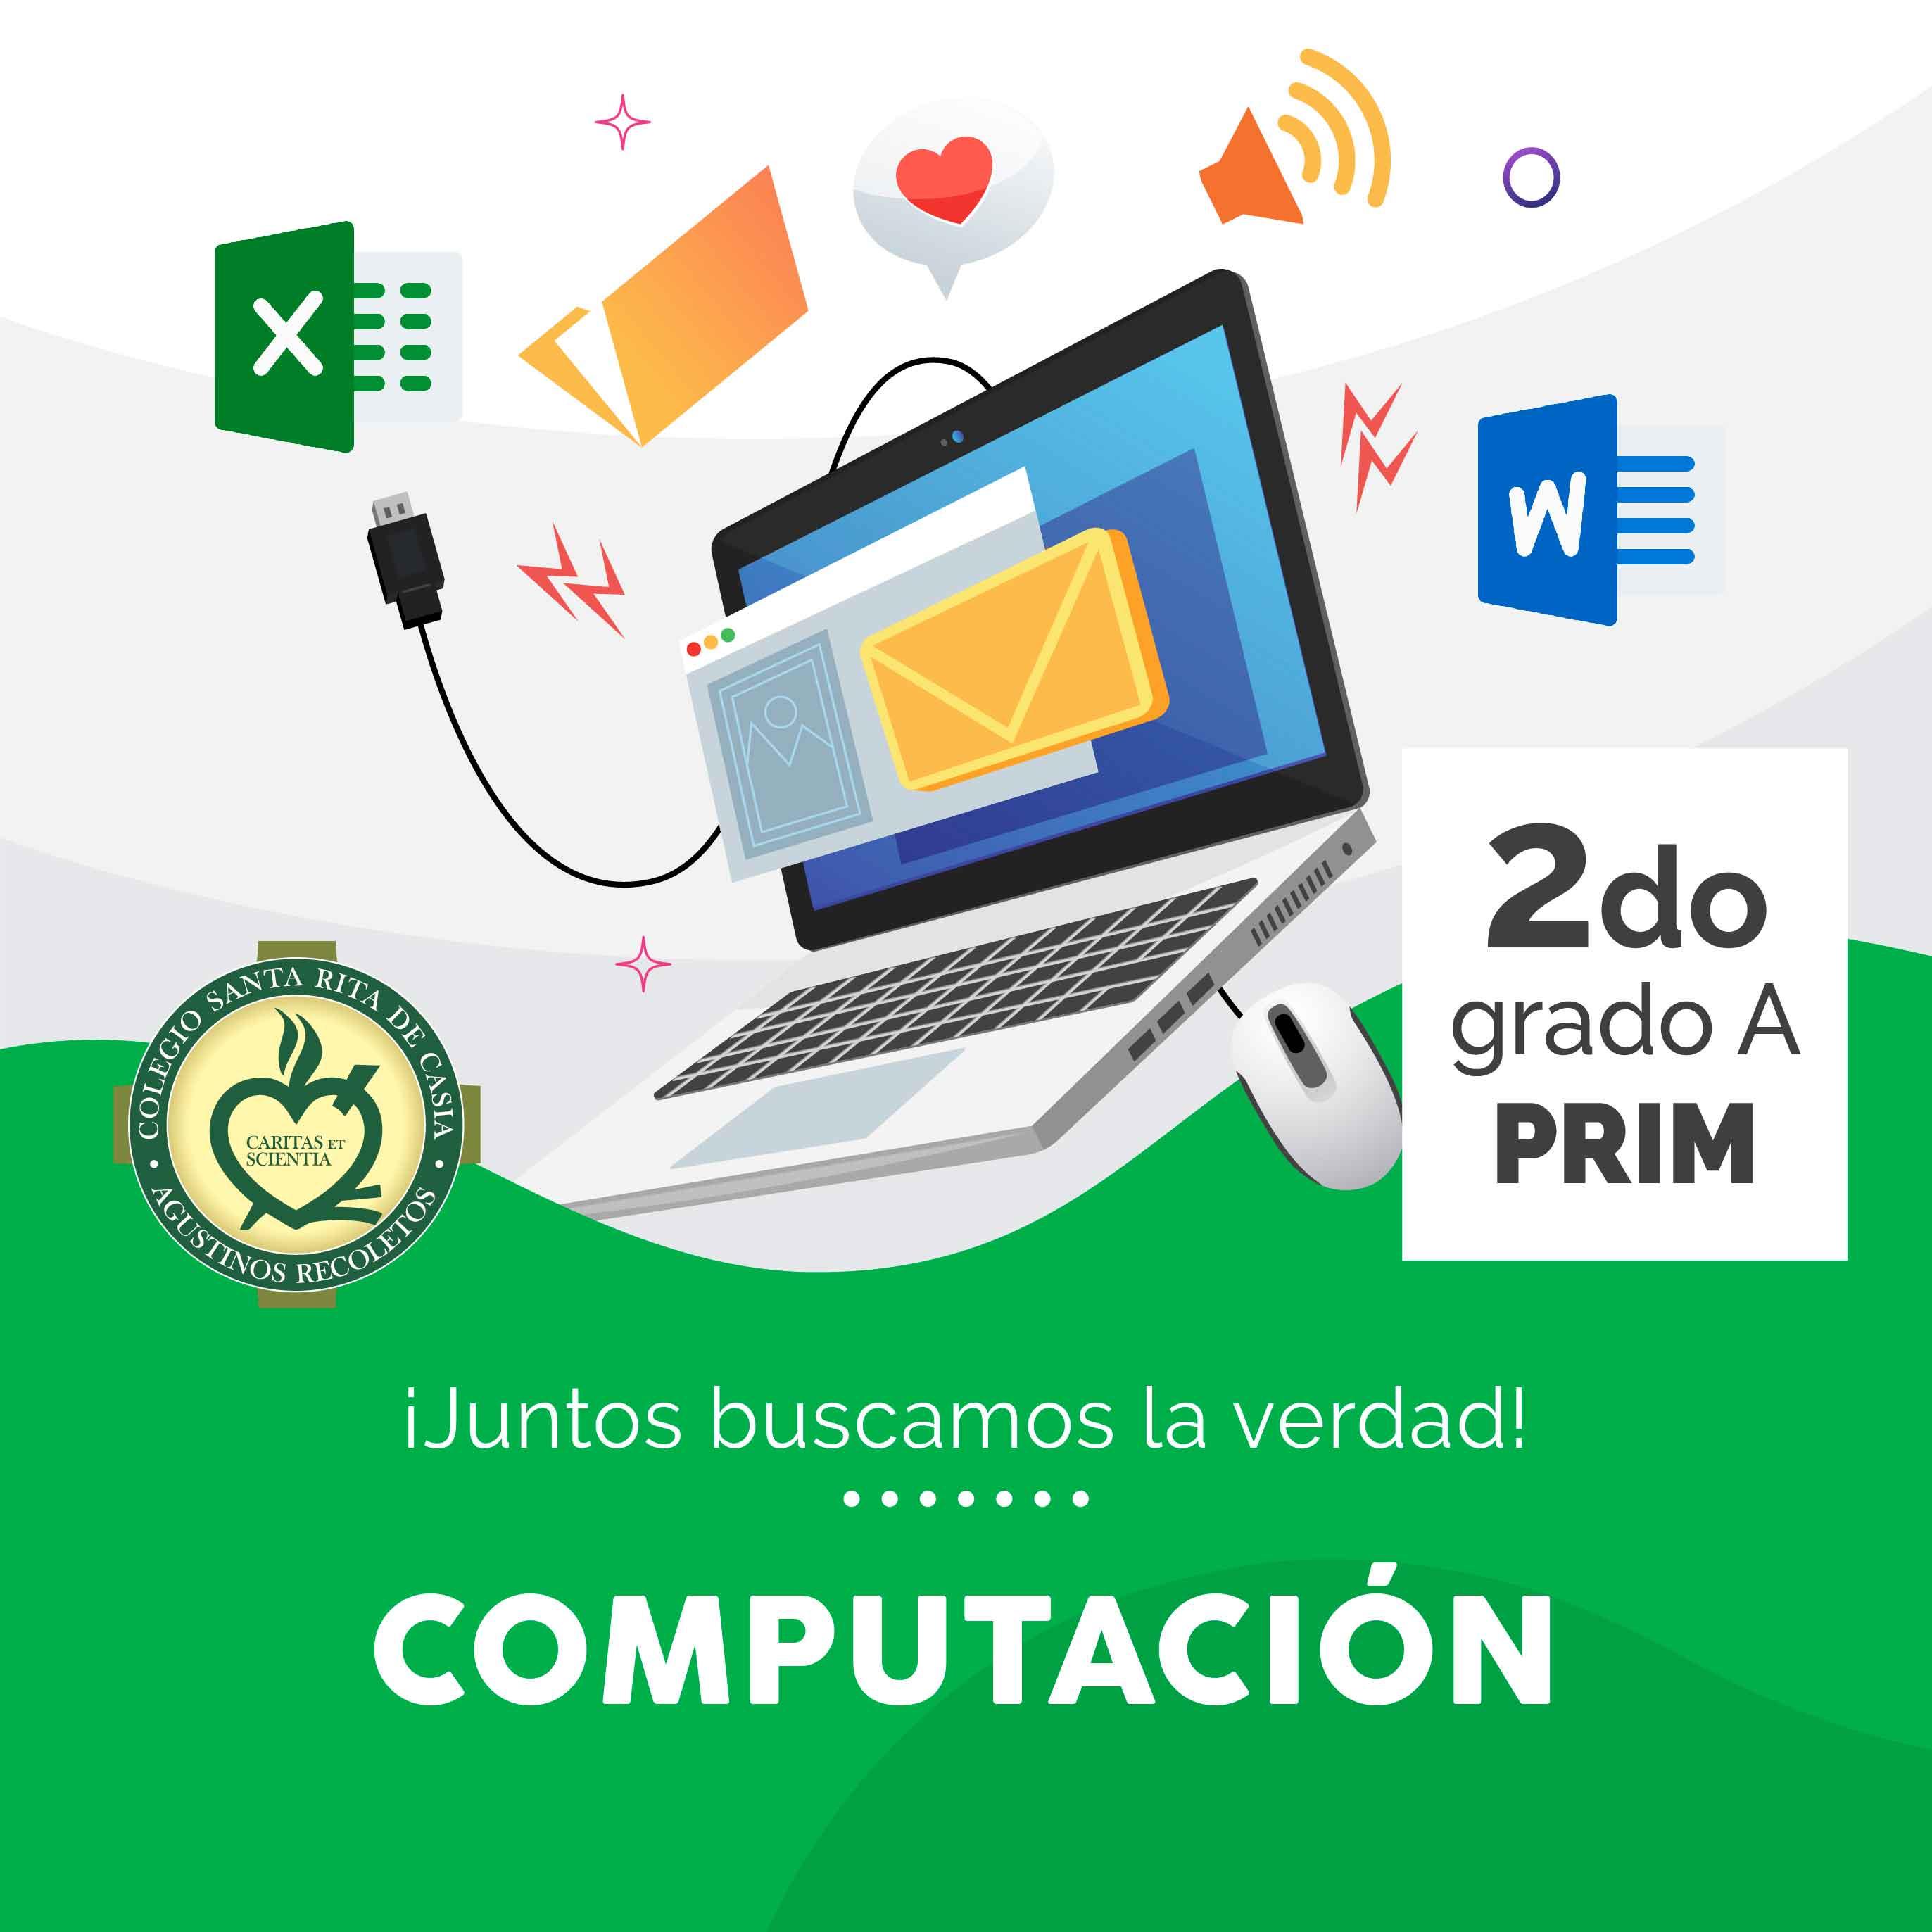 Computación 2do Grado A